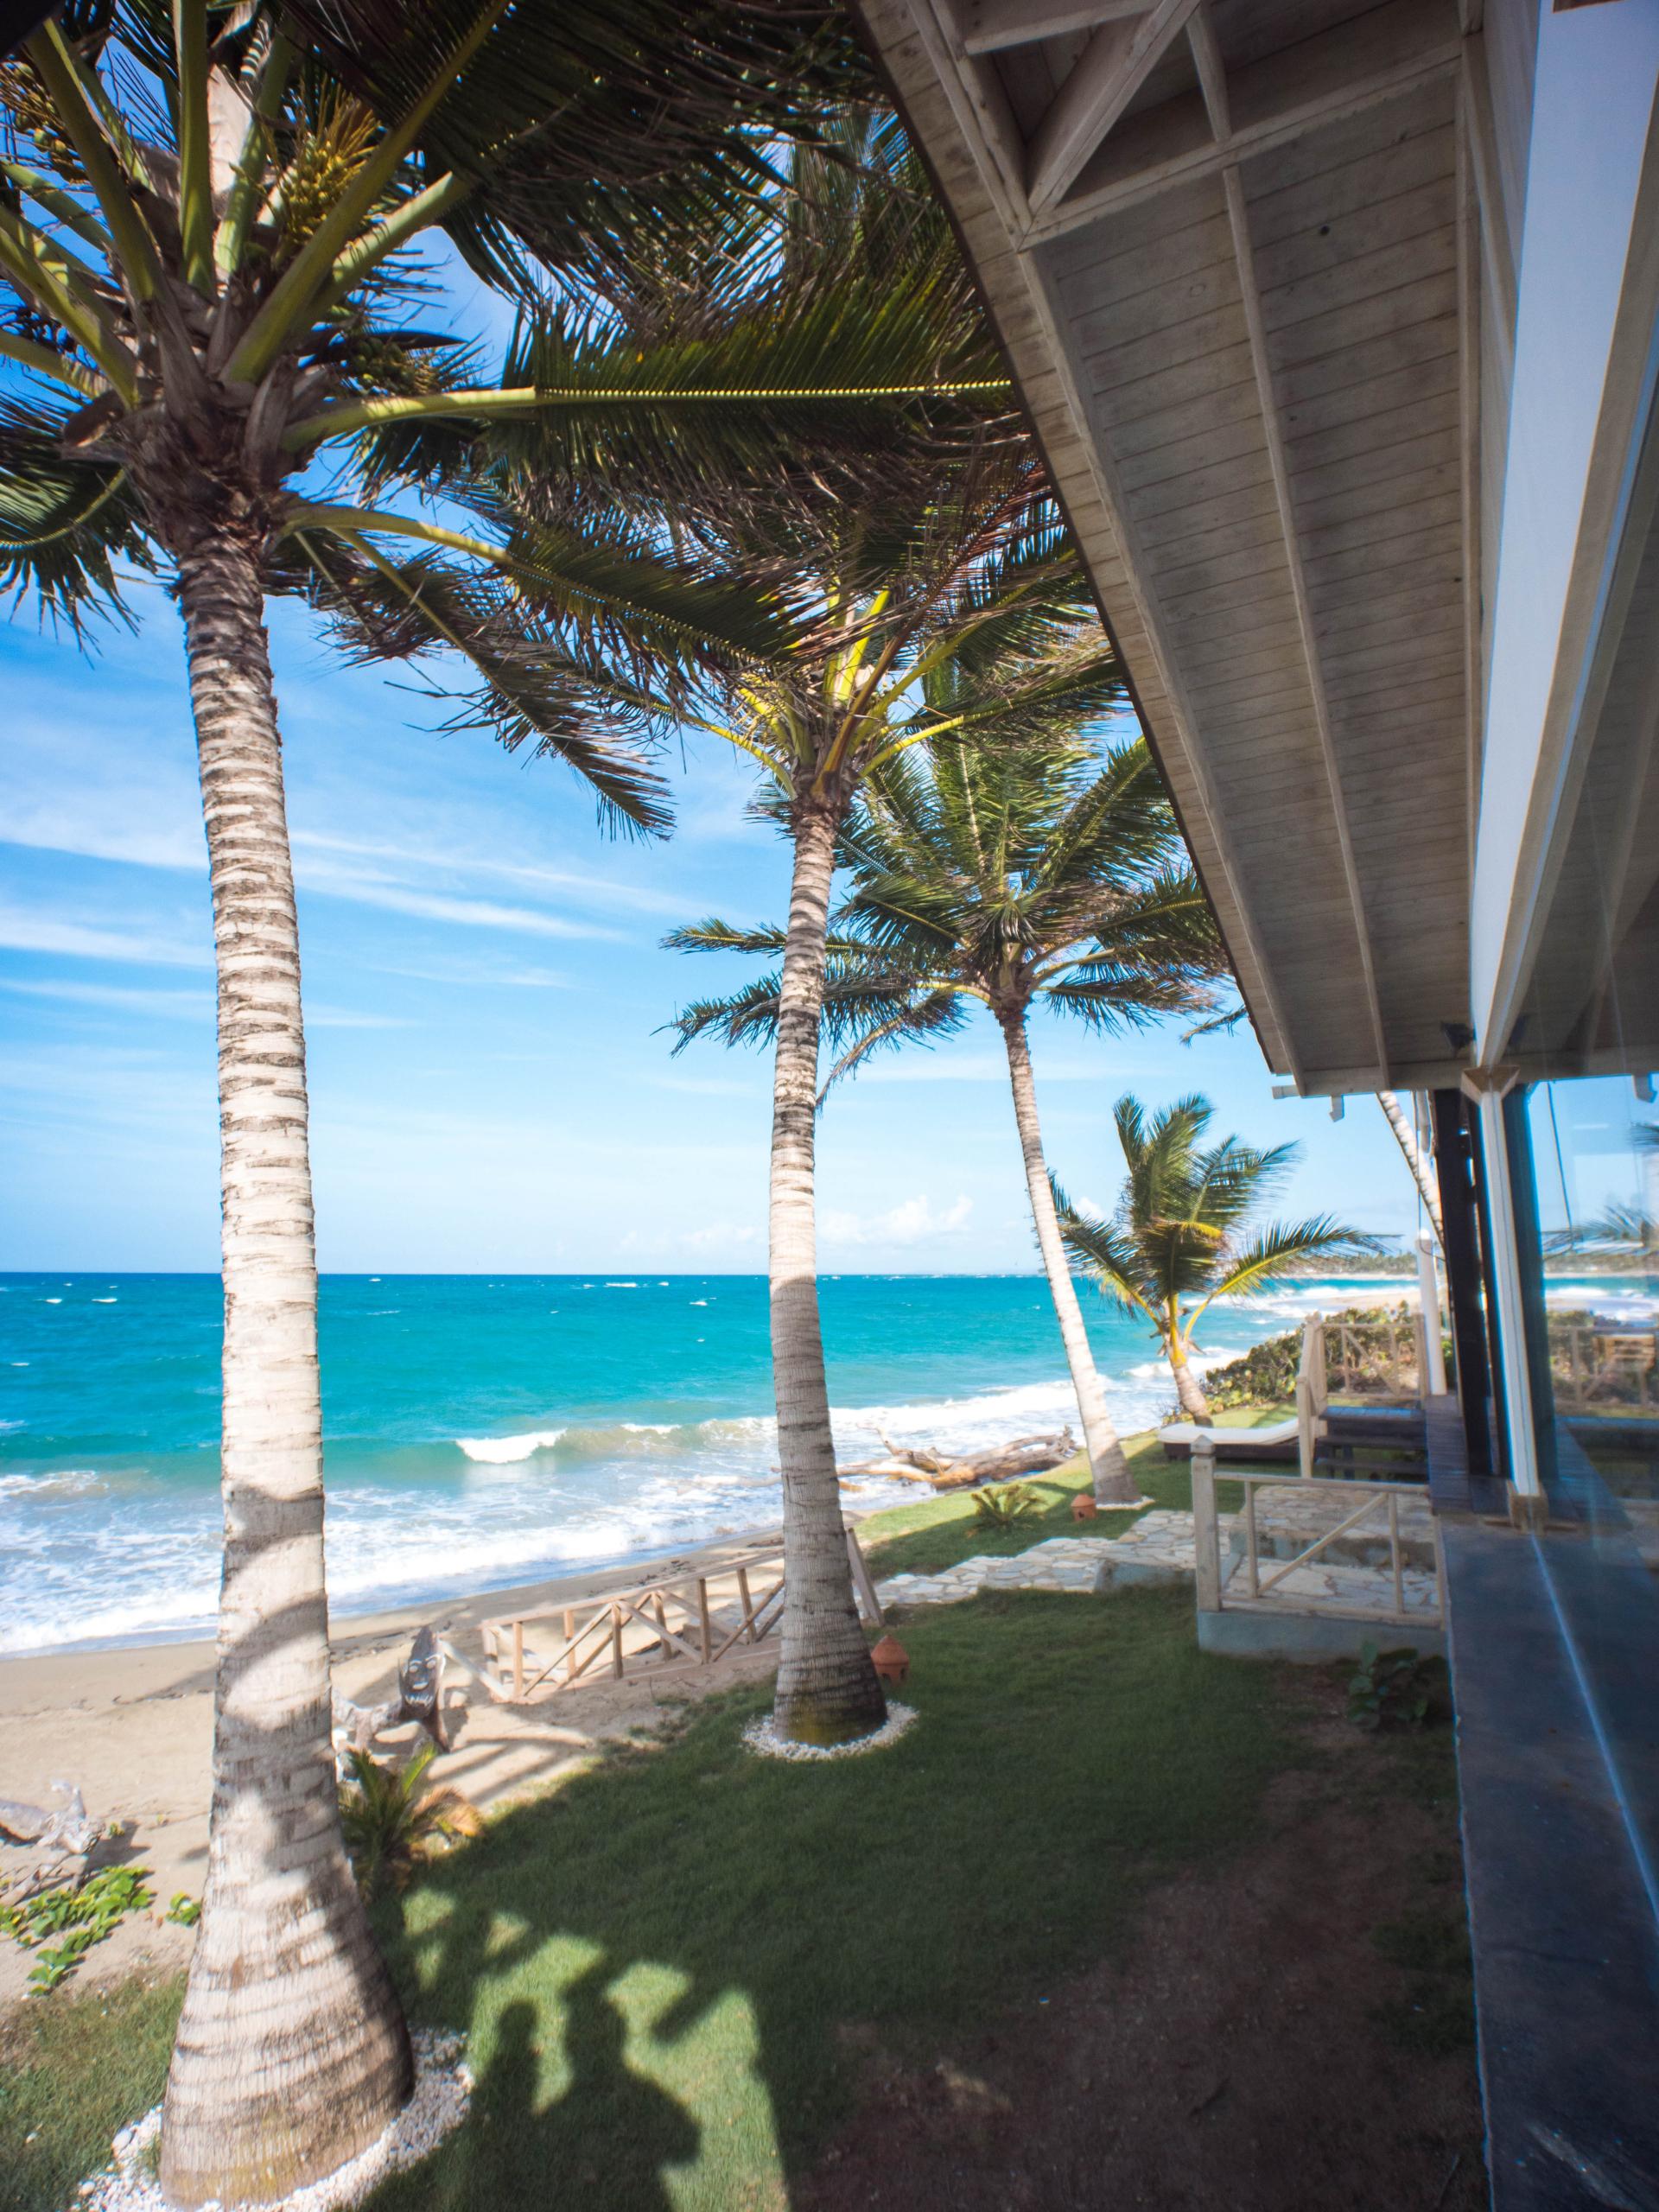 beachfront venue Blue Paradise DR exotic vacation